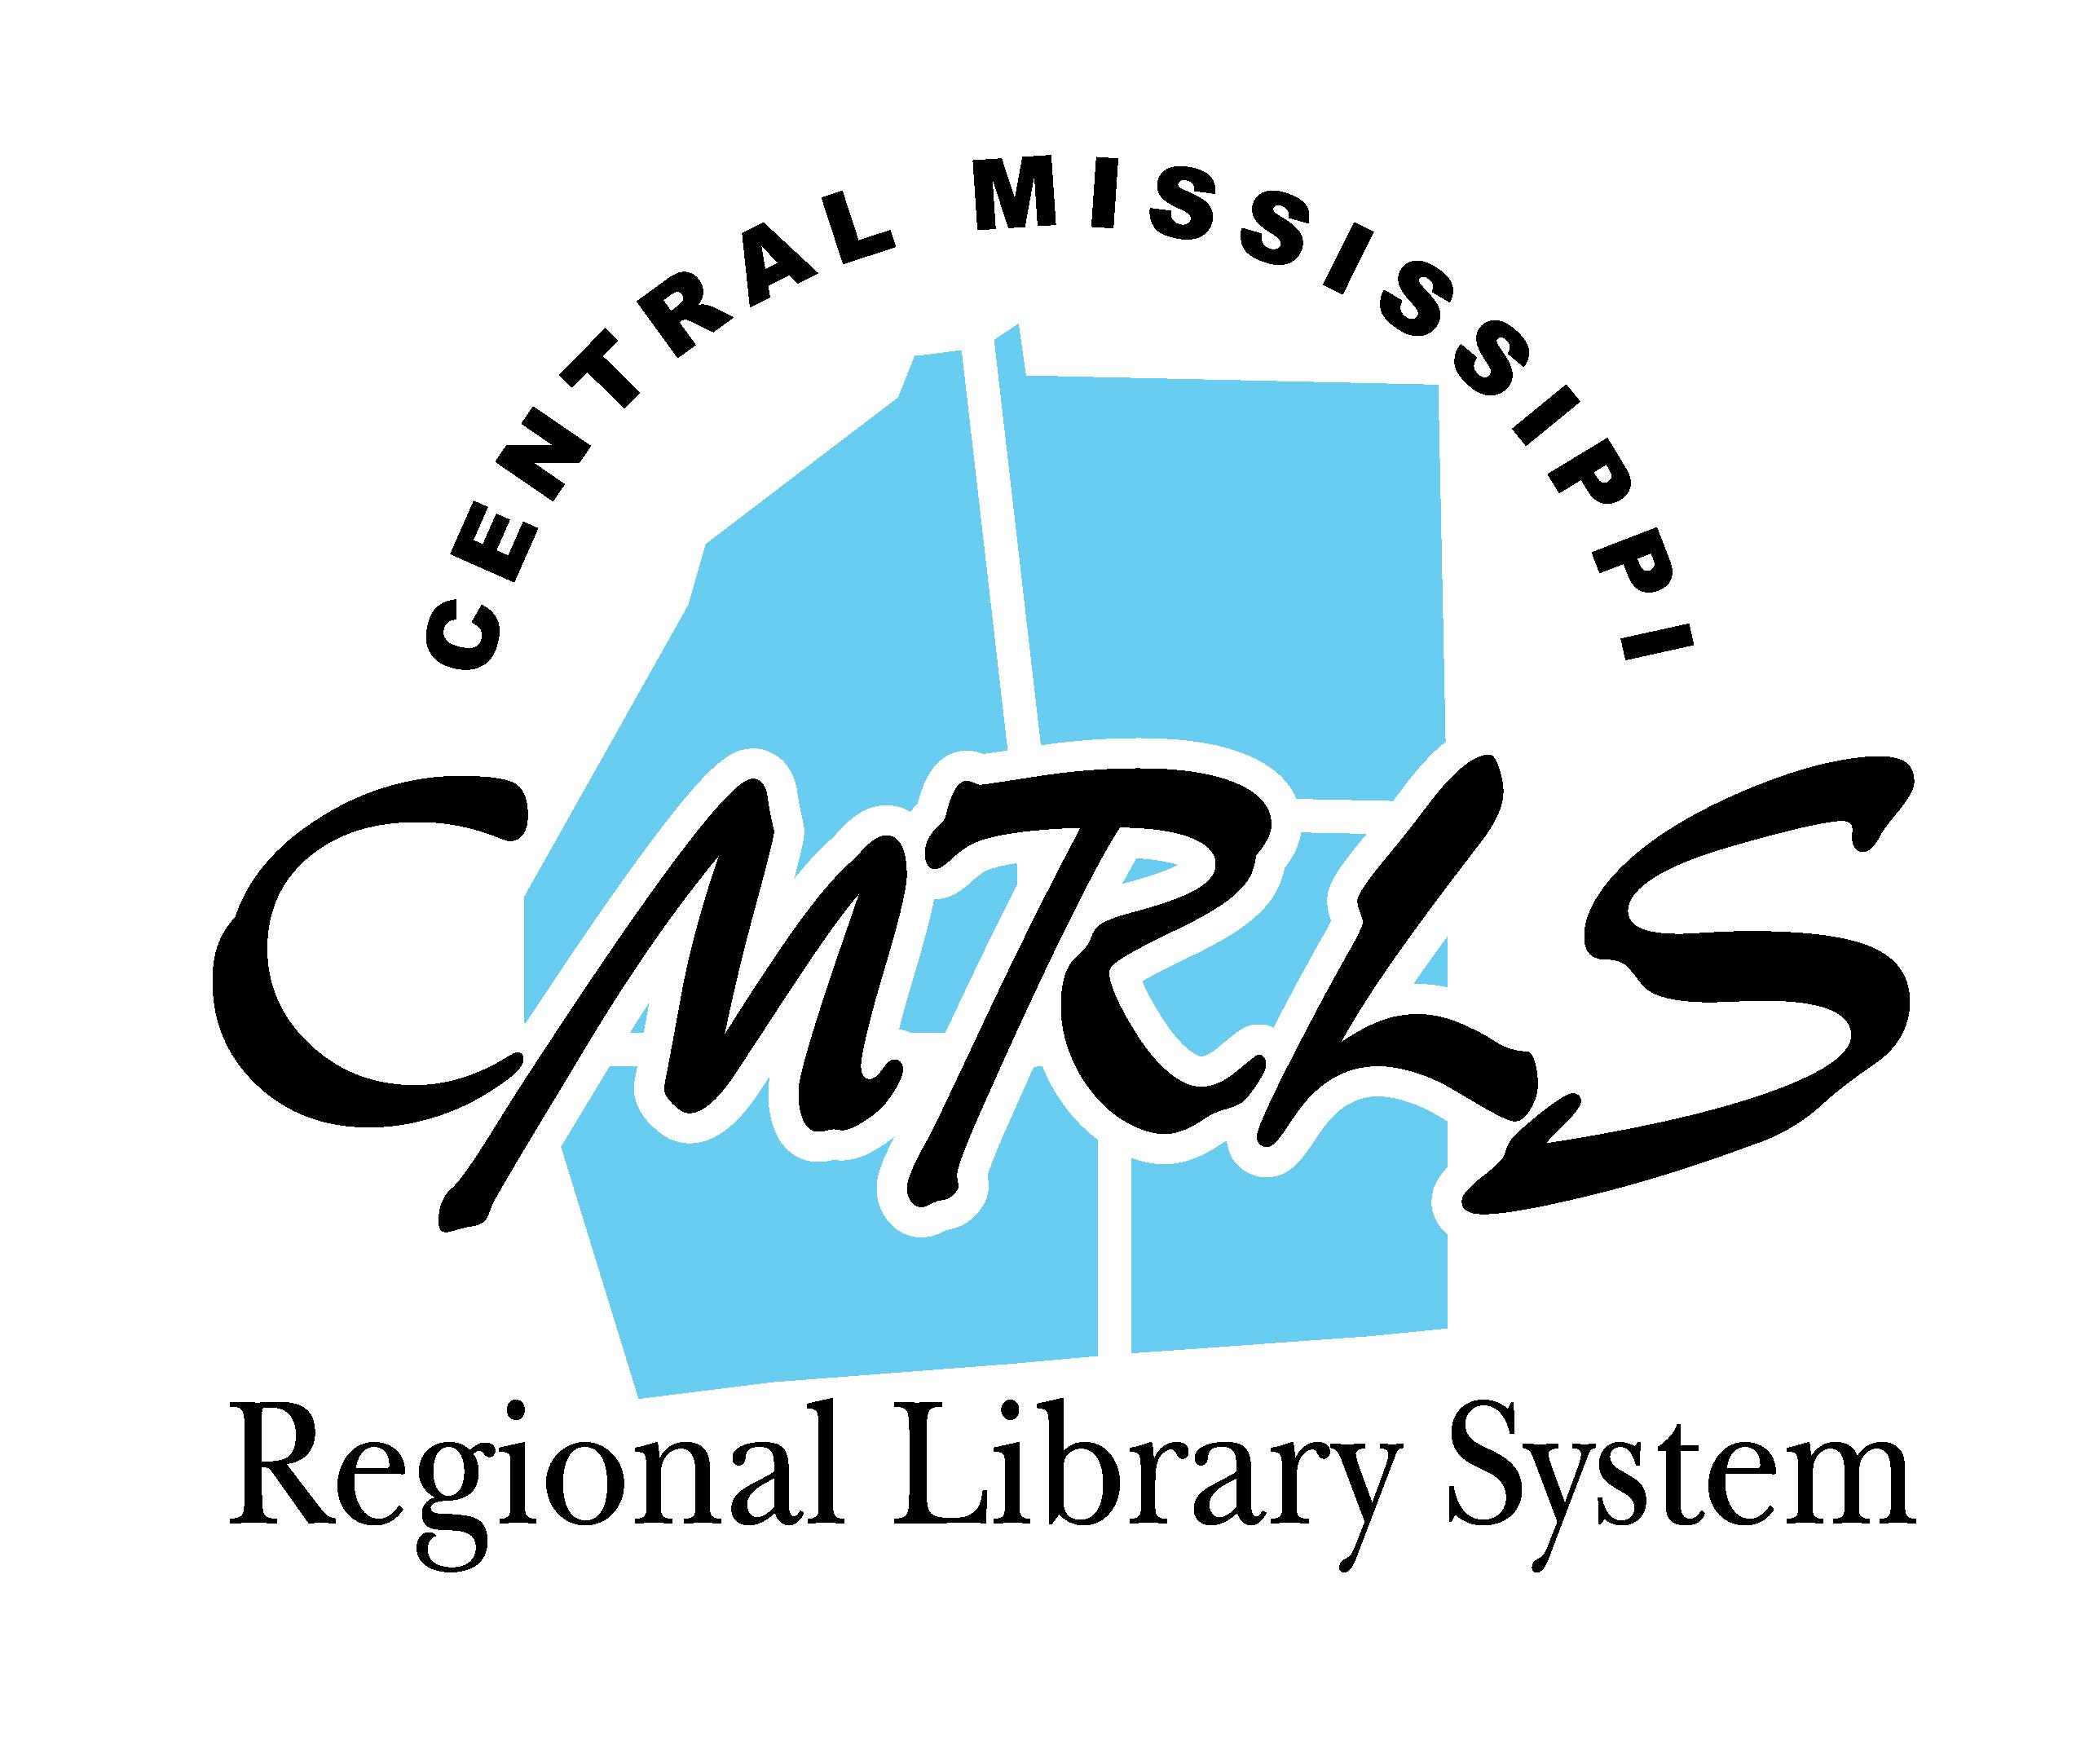 http://cmrls.lib.ms.us/cent-miss-lib-logo_final-copy 2014-10-20T20:22 ...